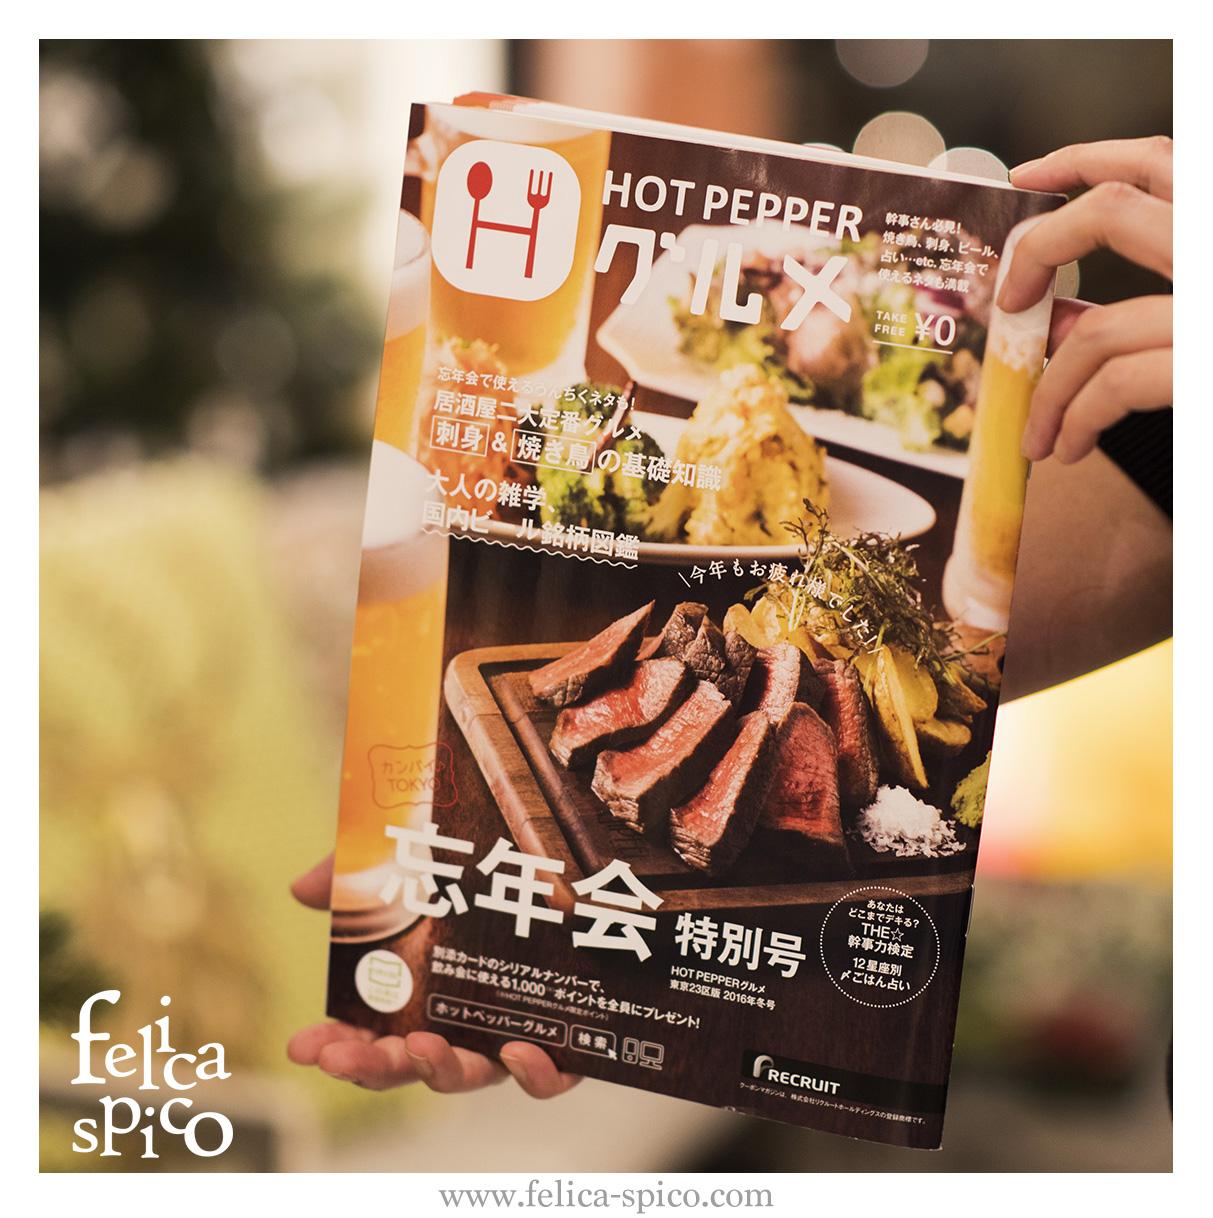 昨年末に出たホットペッパー忘年会特別号の表紙も撮影しております。お肉ドーン!